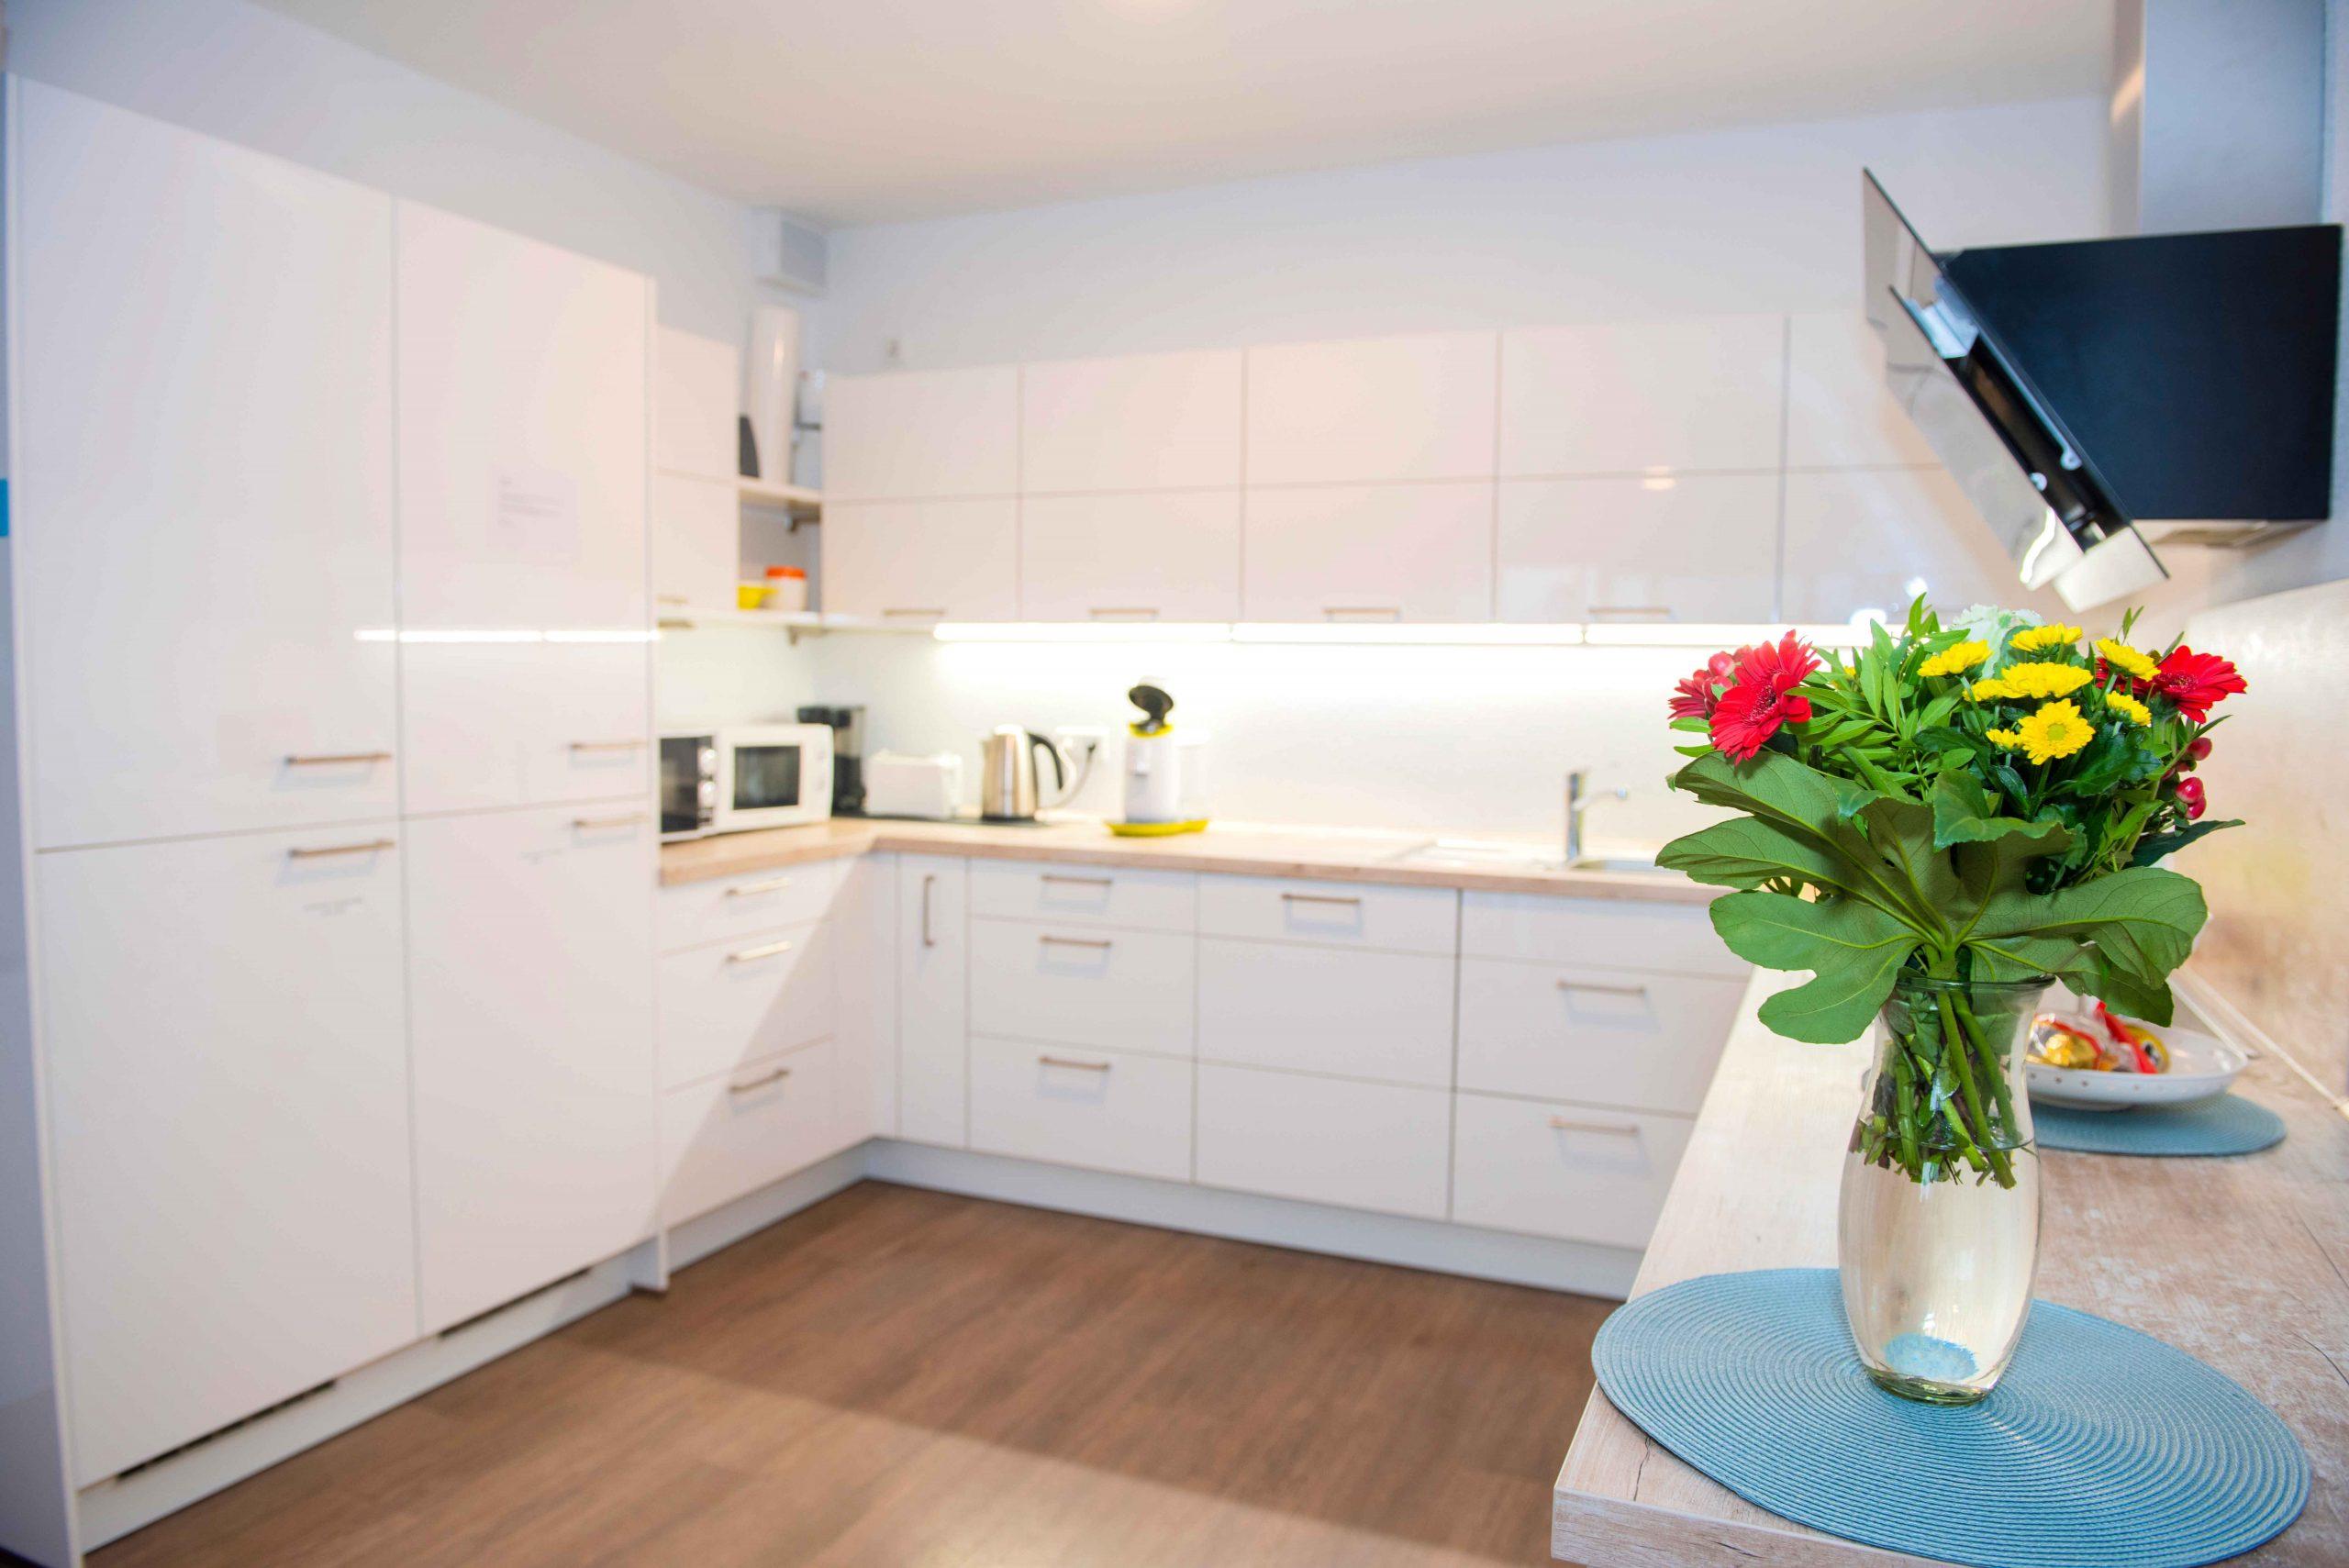 Küche mit Blumen